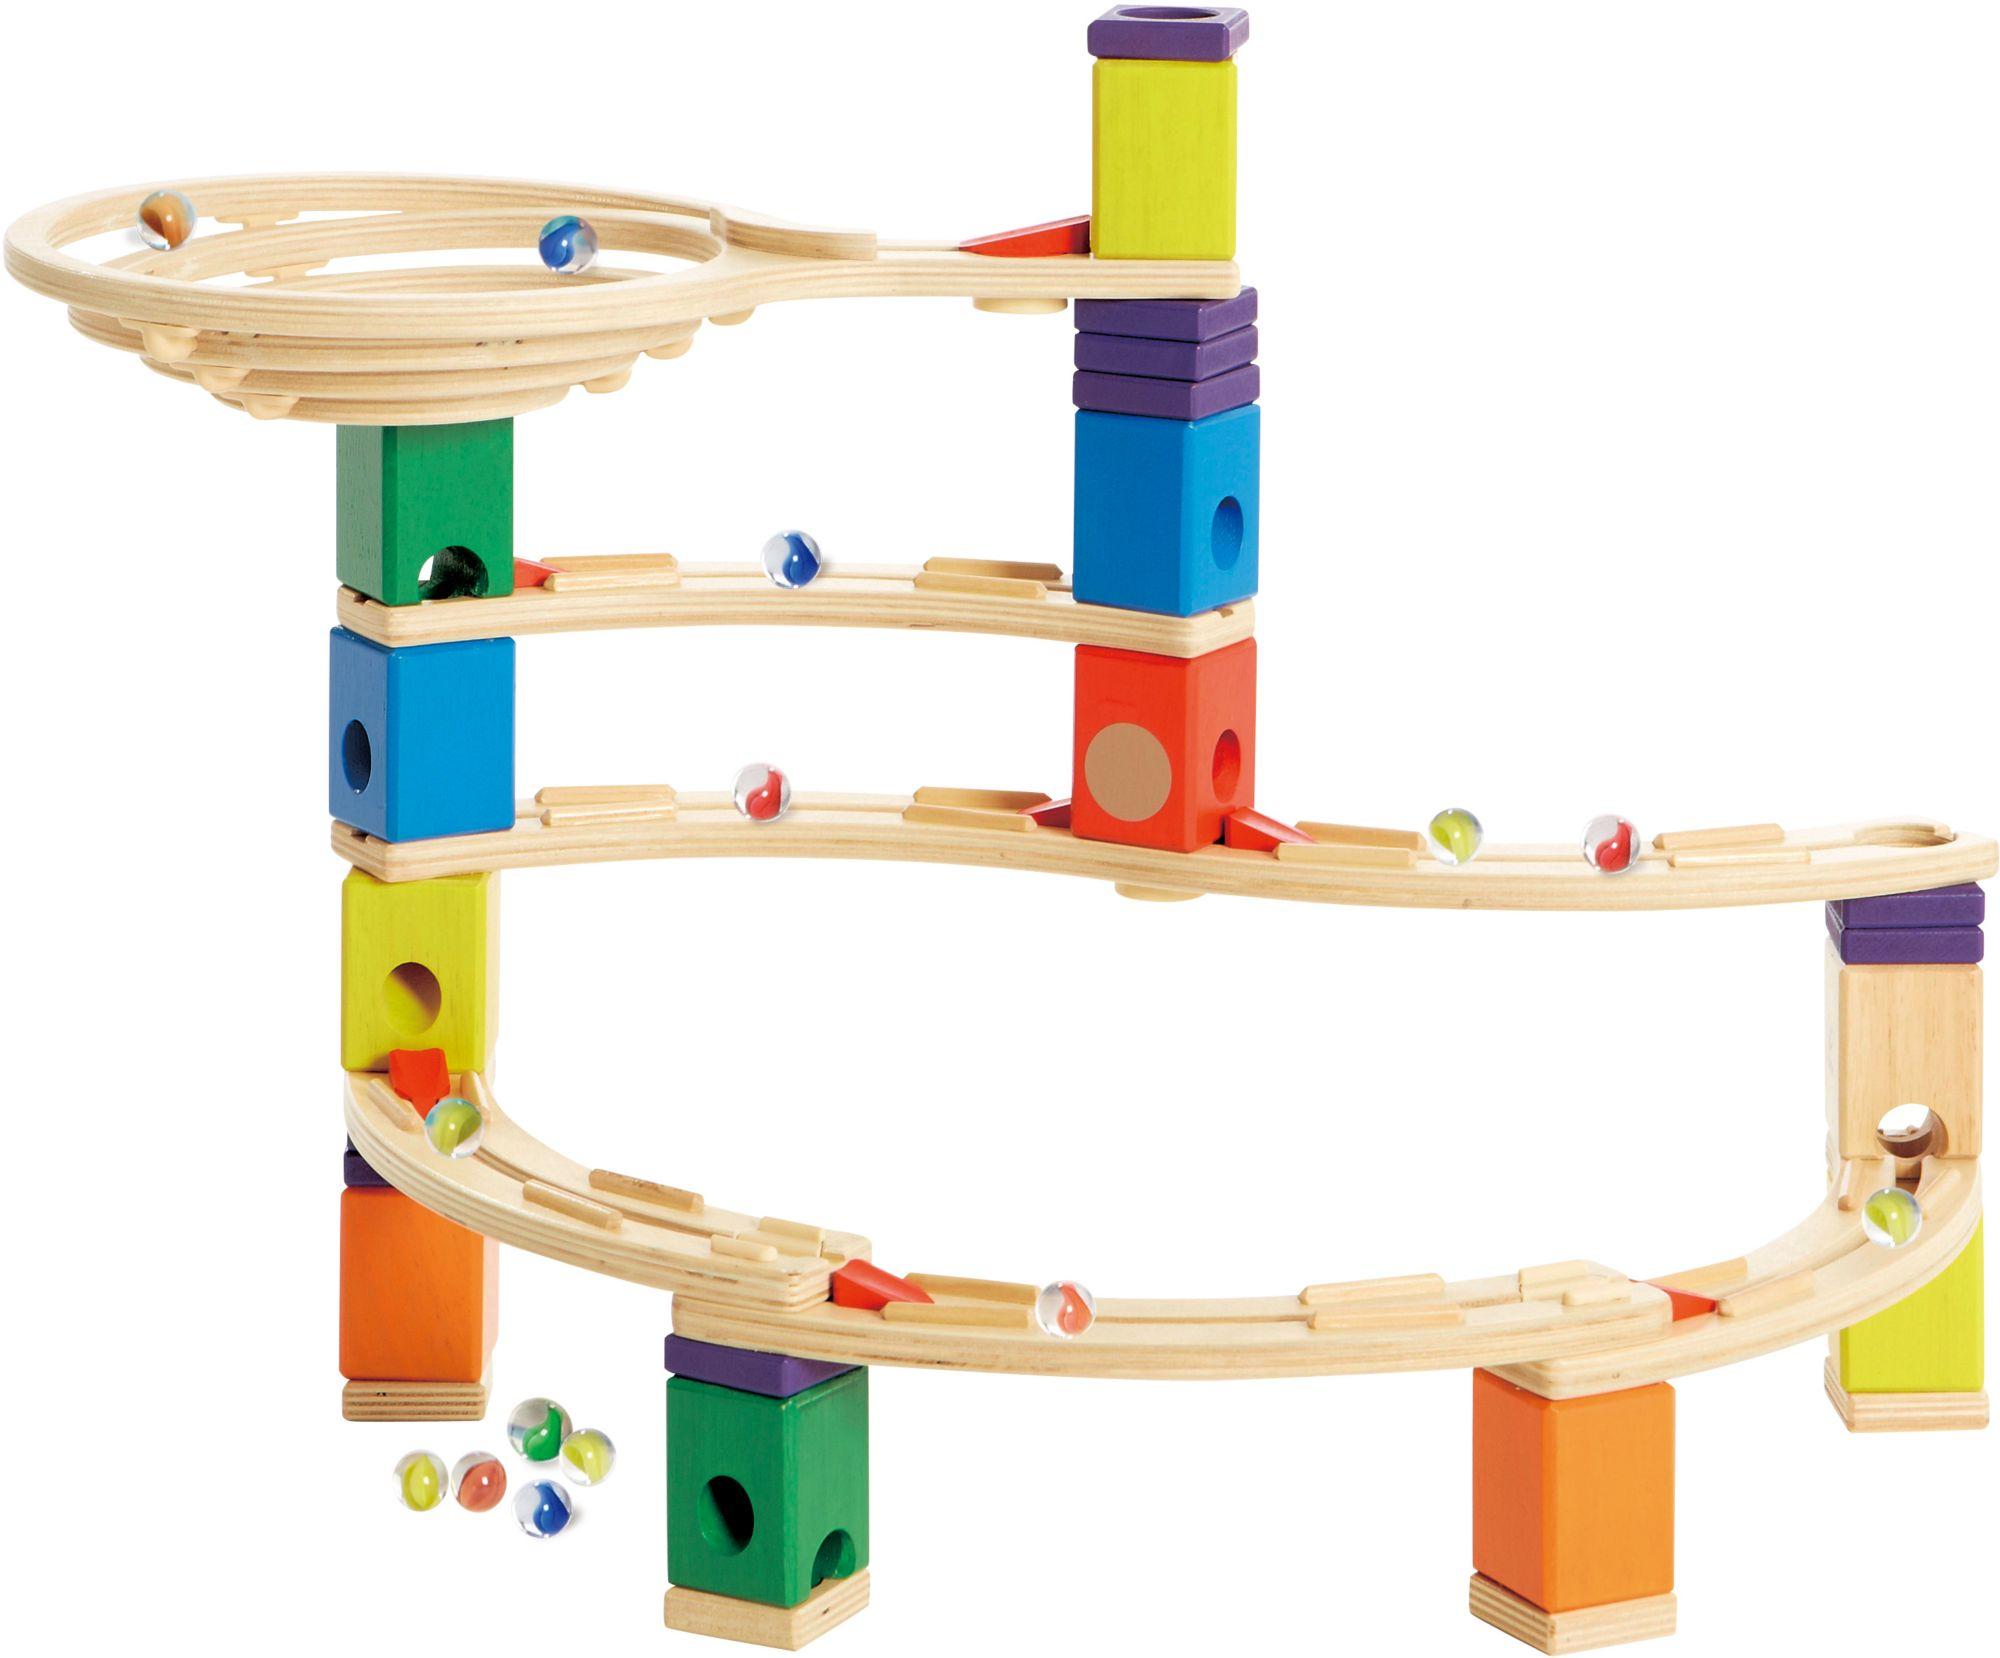 HAPE Hape Kugelbahn aus Holz, »Quadrilla Whirlpool«